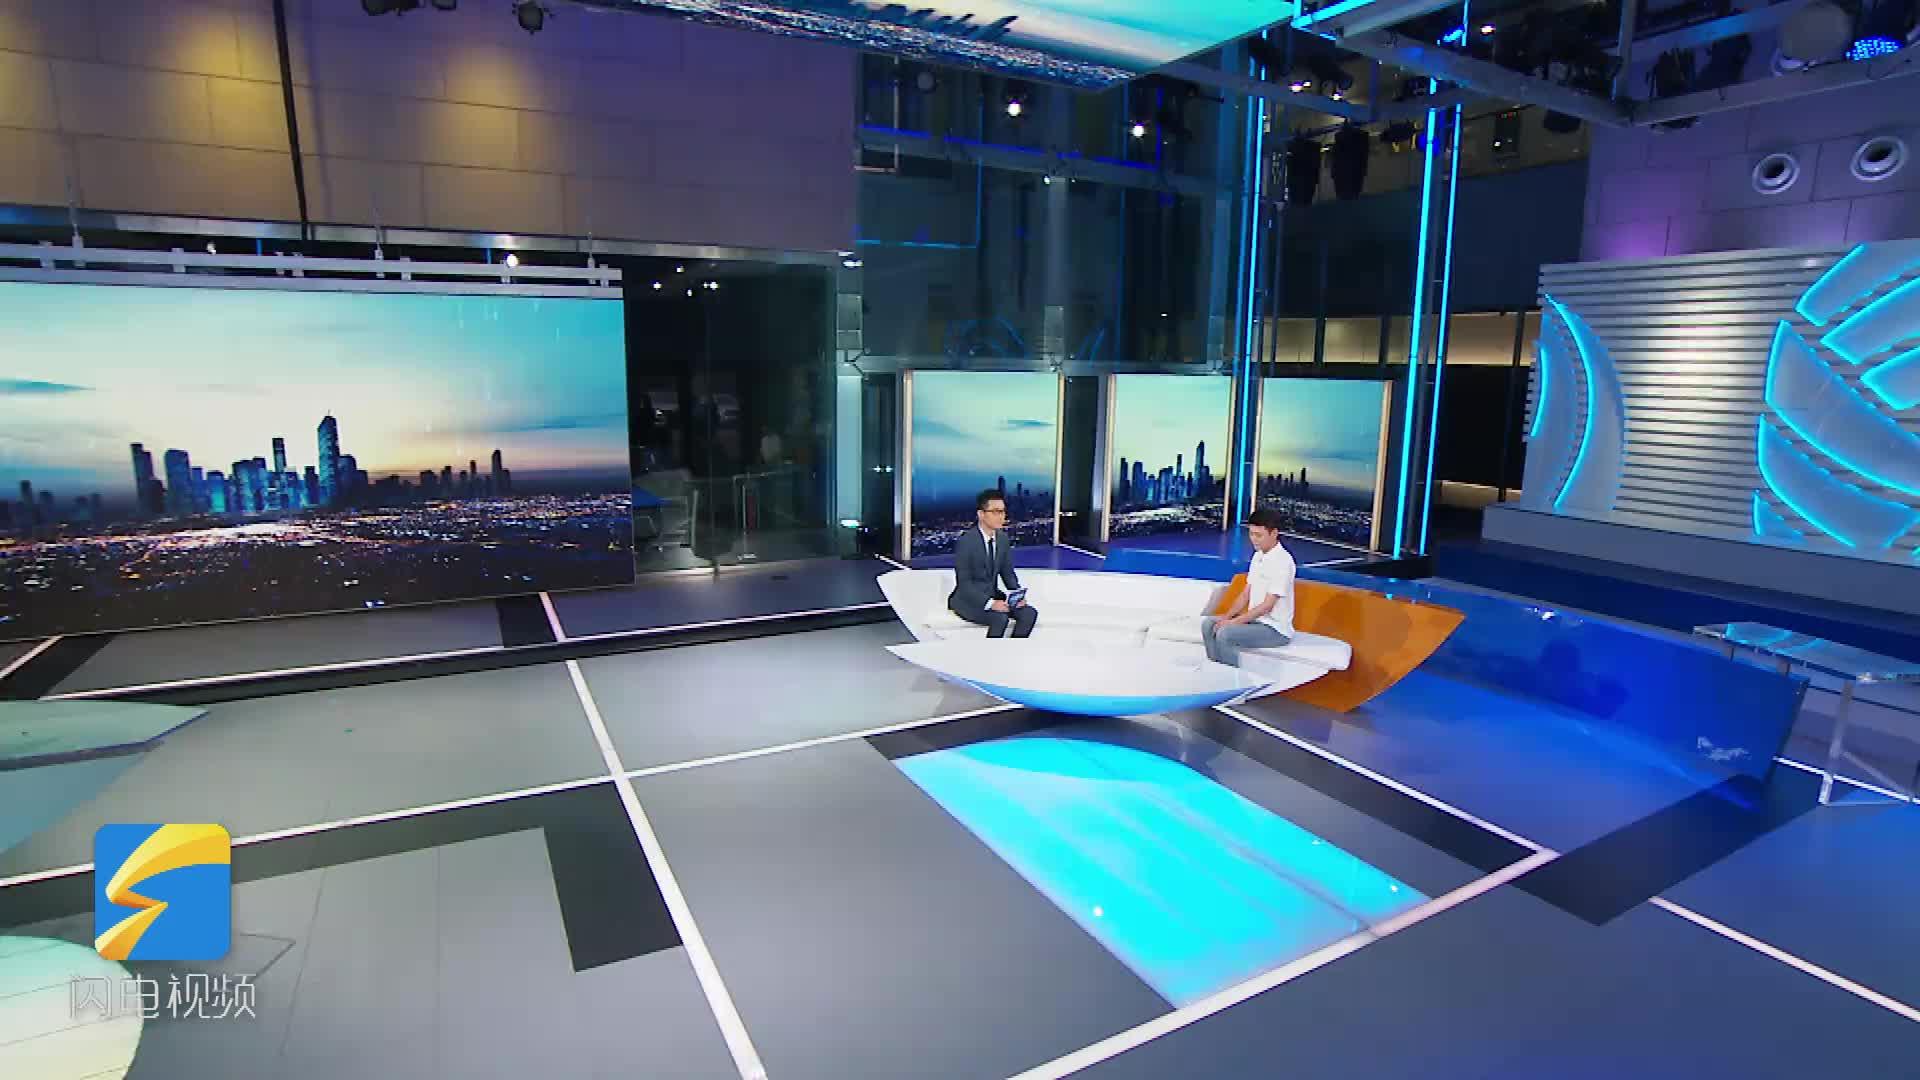 新闻背后|中央广播电视总台大型直播为何频频关注山东的村庄?